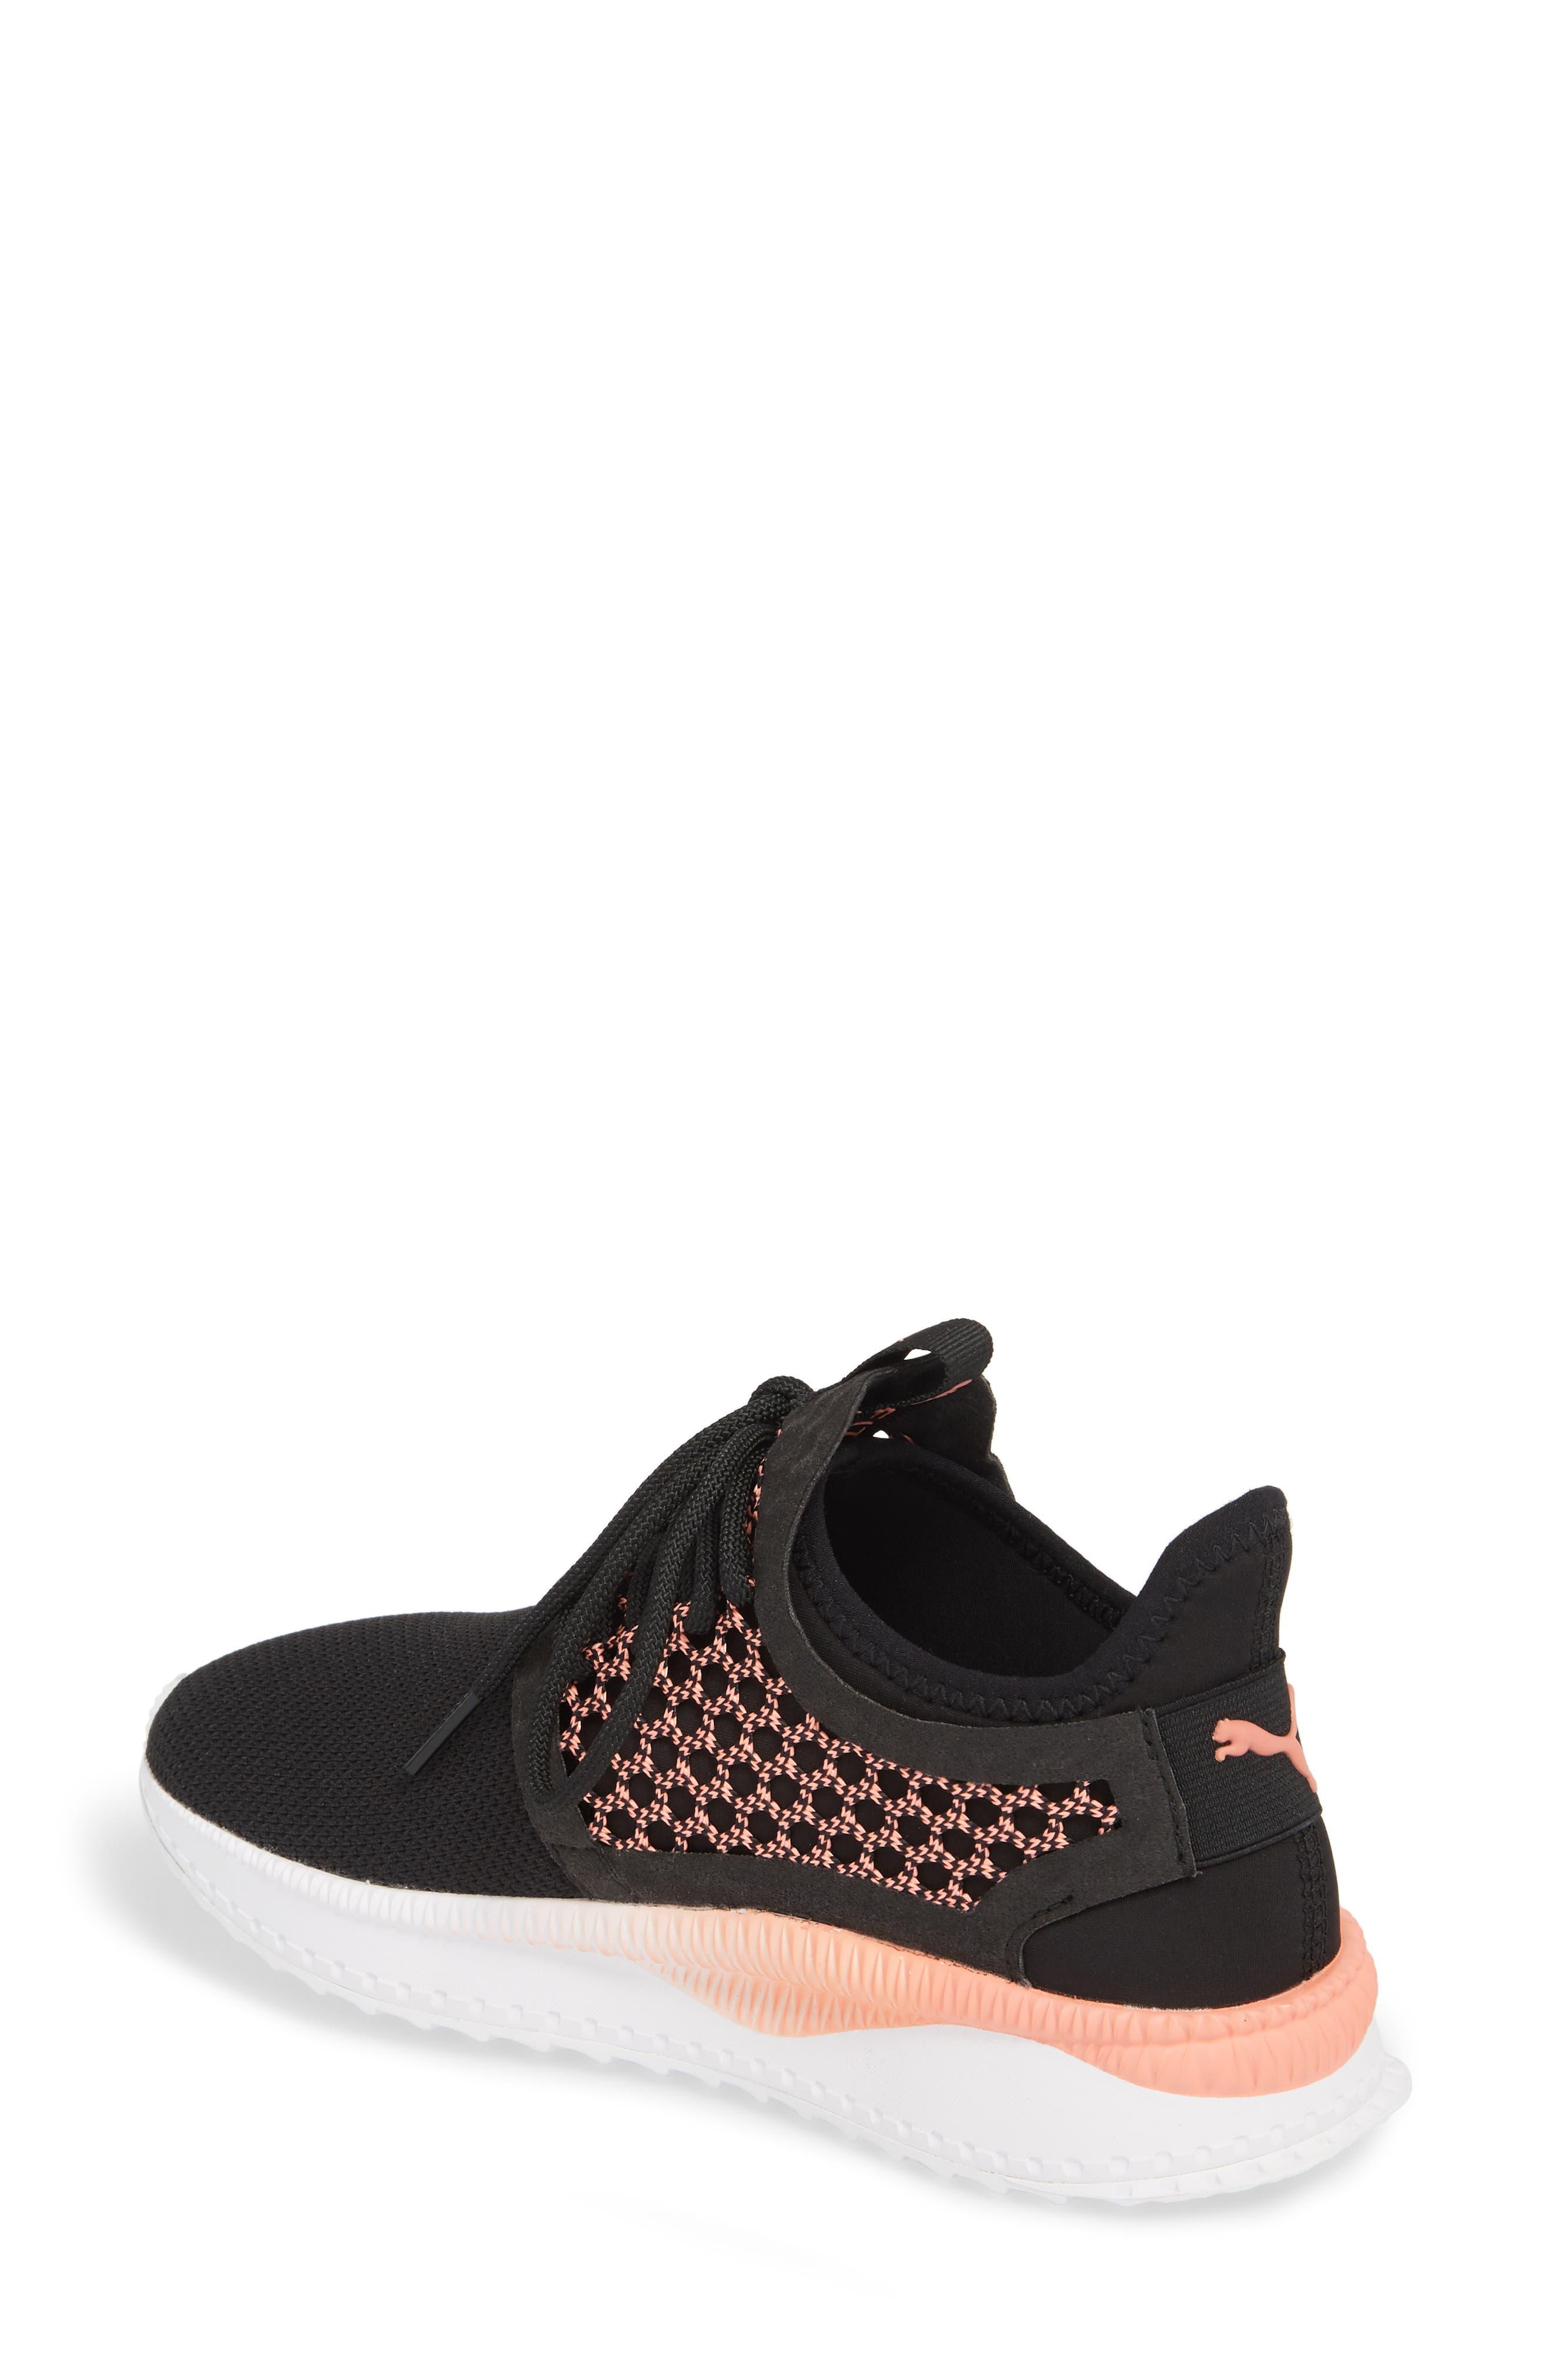 Tsugi Netfit evoKNIT Training Shoe,                             Alternate thumbnail 2, color,                             Black/ Shell Pink/ White